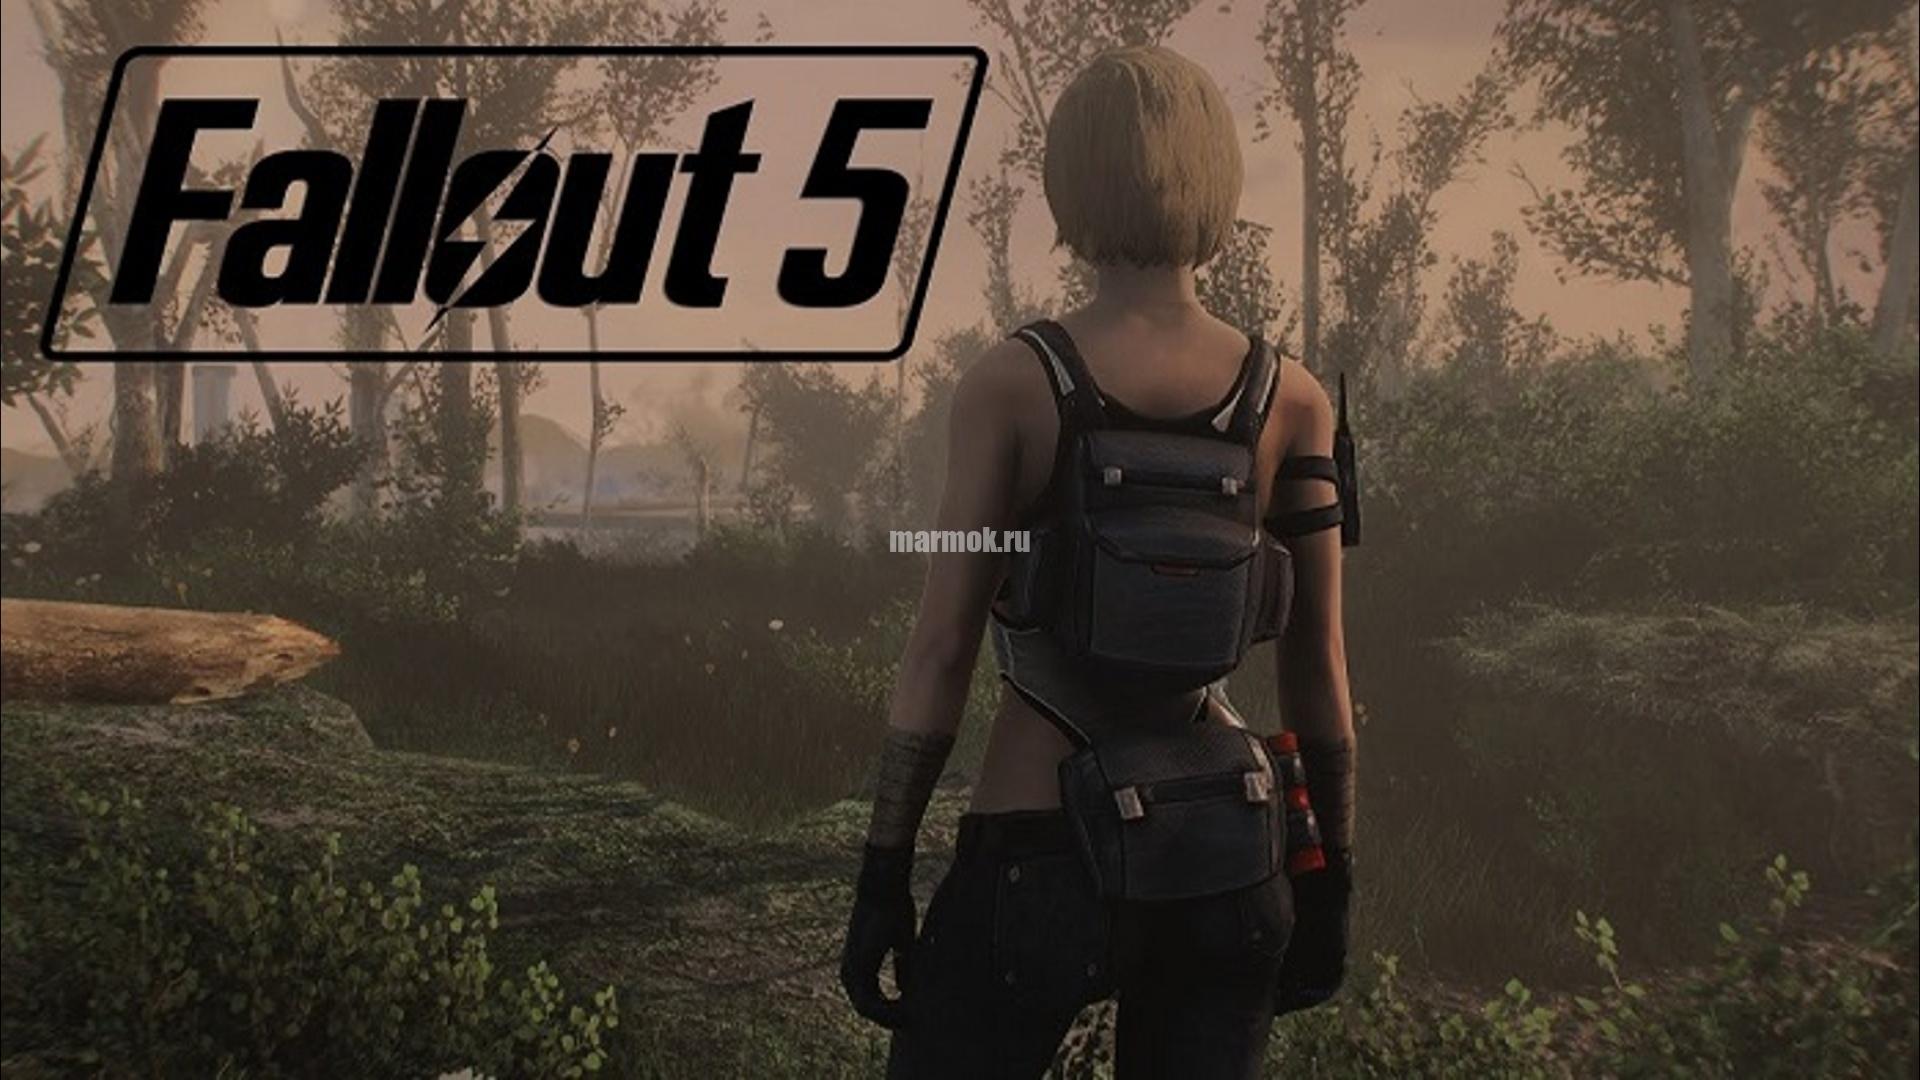 Скриншот из игры Fallout 5